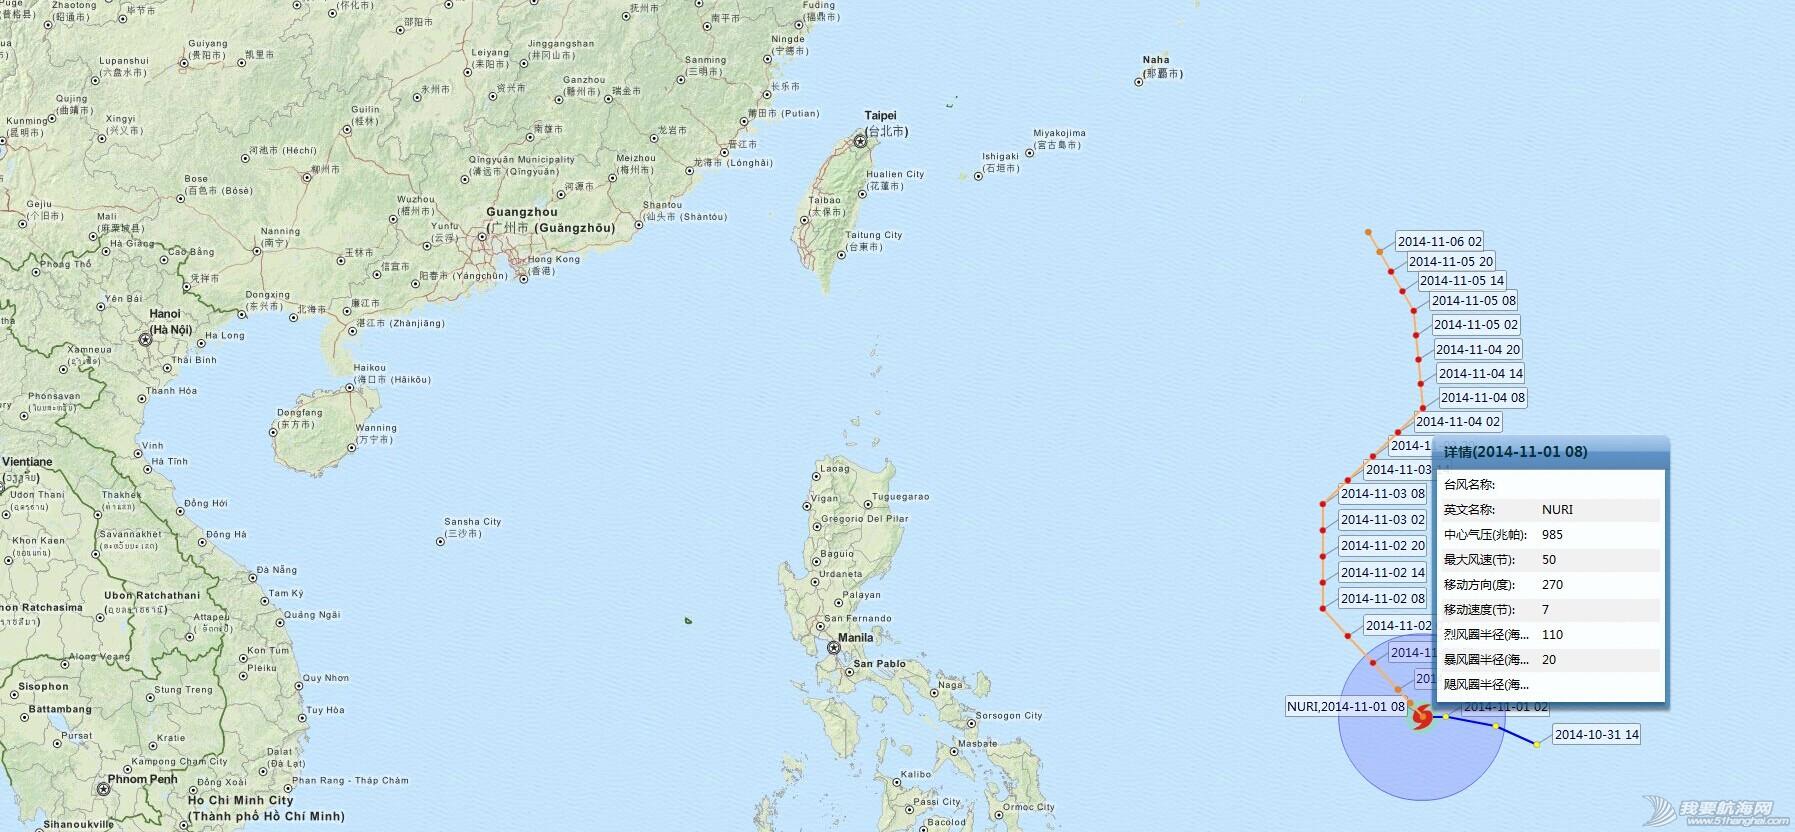 台风,气象导航,航海气象,海洋气象,太平洋台风 20141101 台风鹦鹉(Nuri) QQ图片20141101223715.jpg